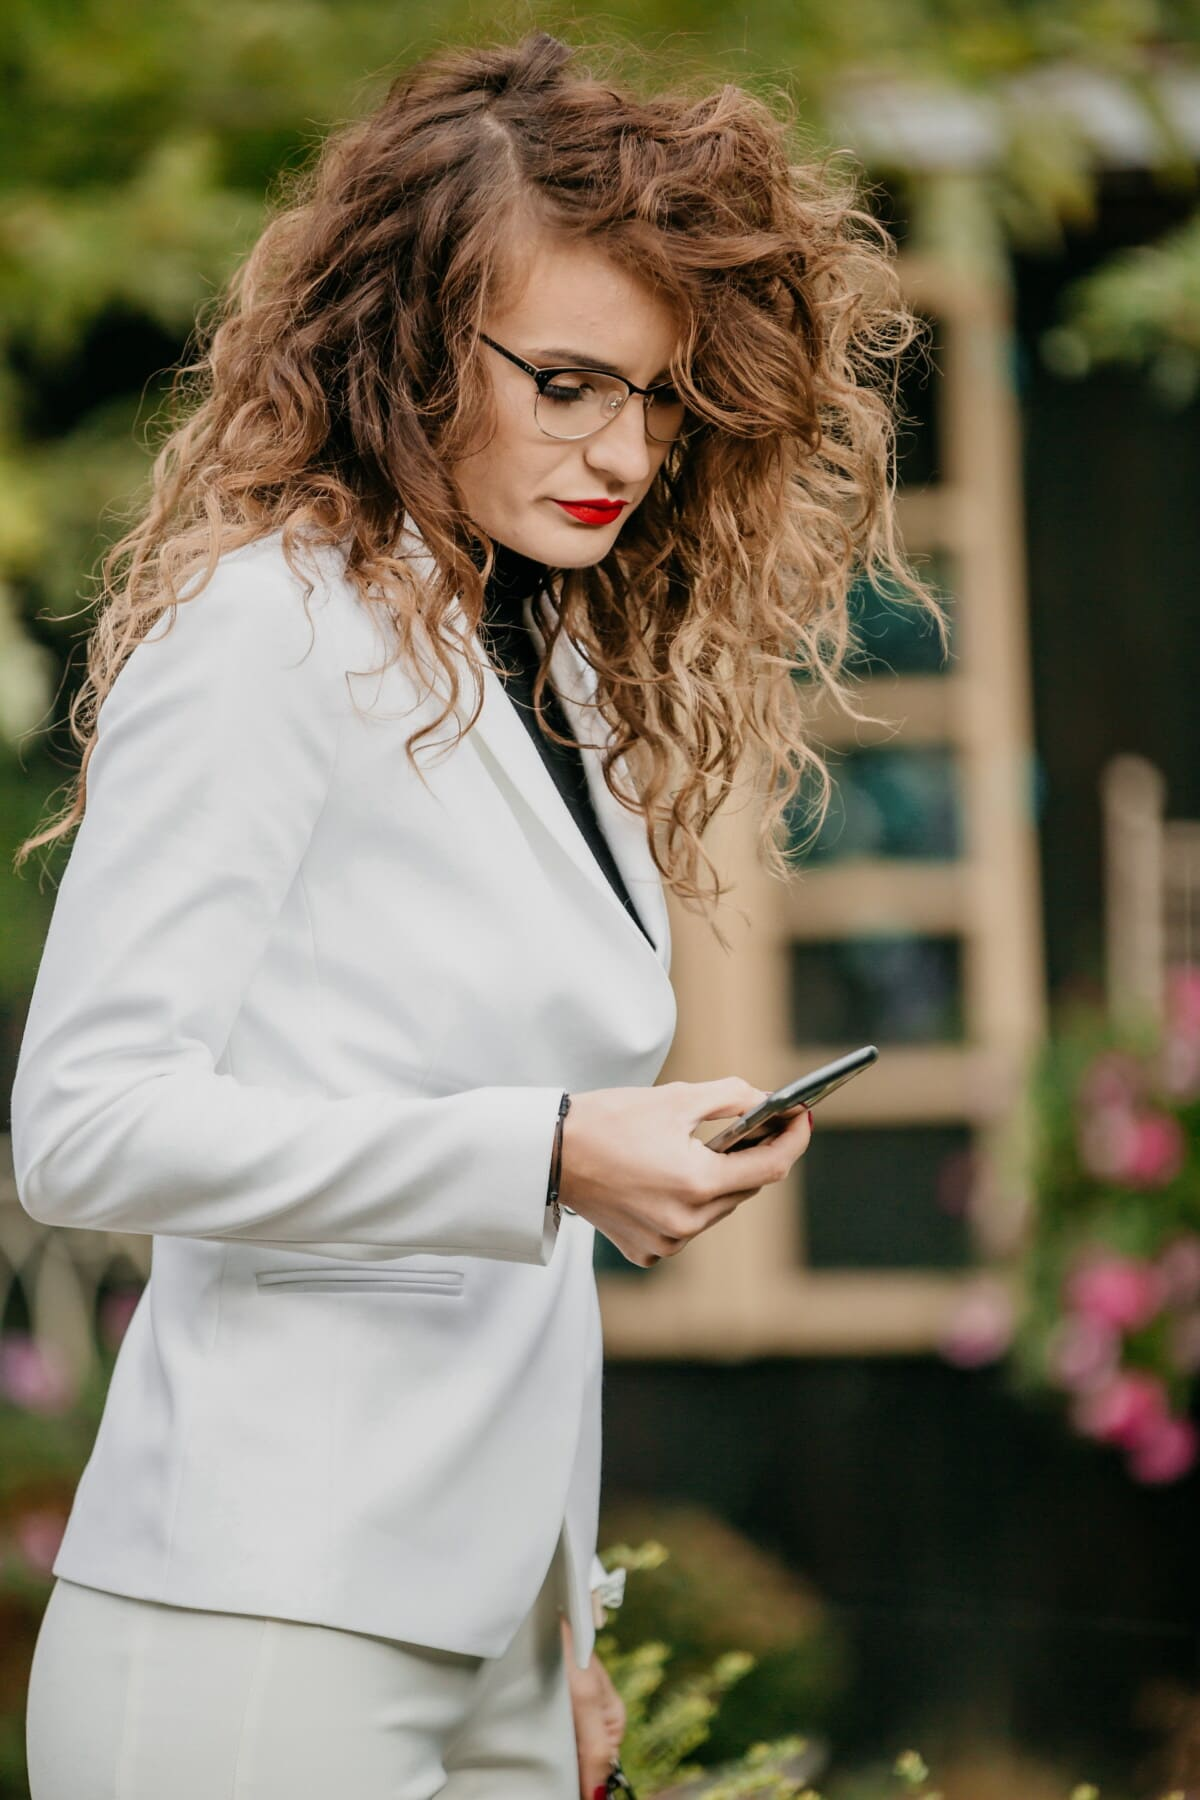 erfolgreiche, elegant, Outfit, Geschäftsfrau, Brünette, Mobiltelefon, hübsches mädchen, Lippenstift, Brillen, Frisur